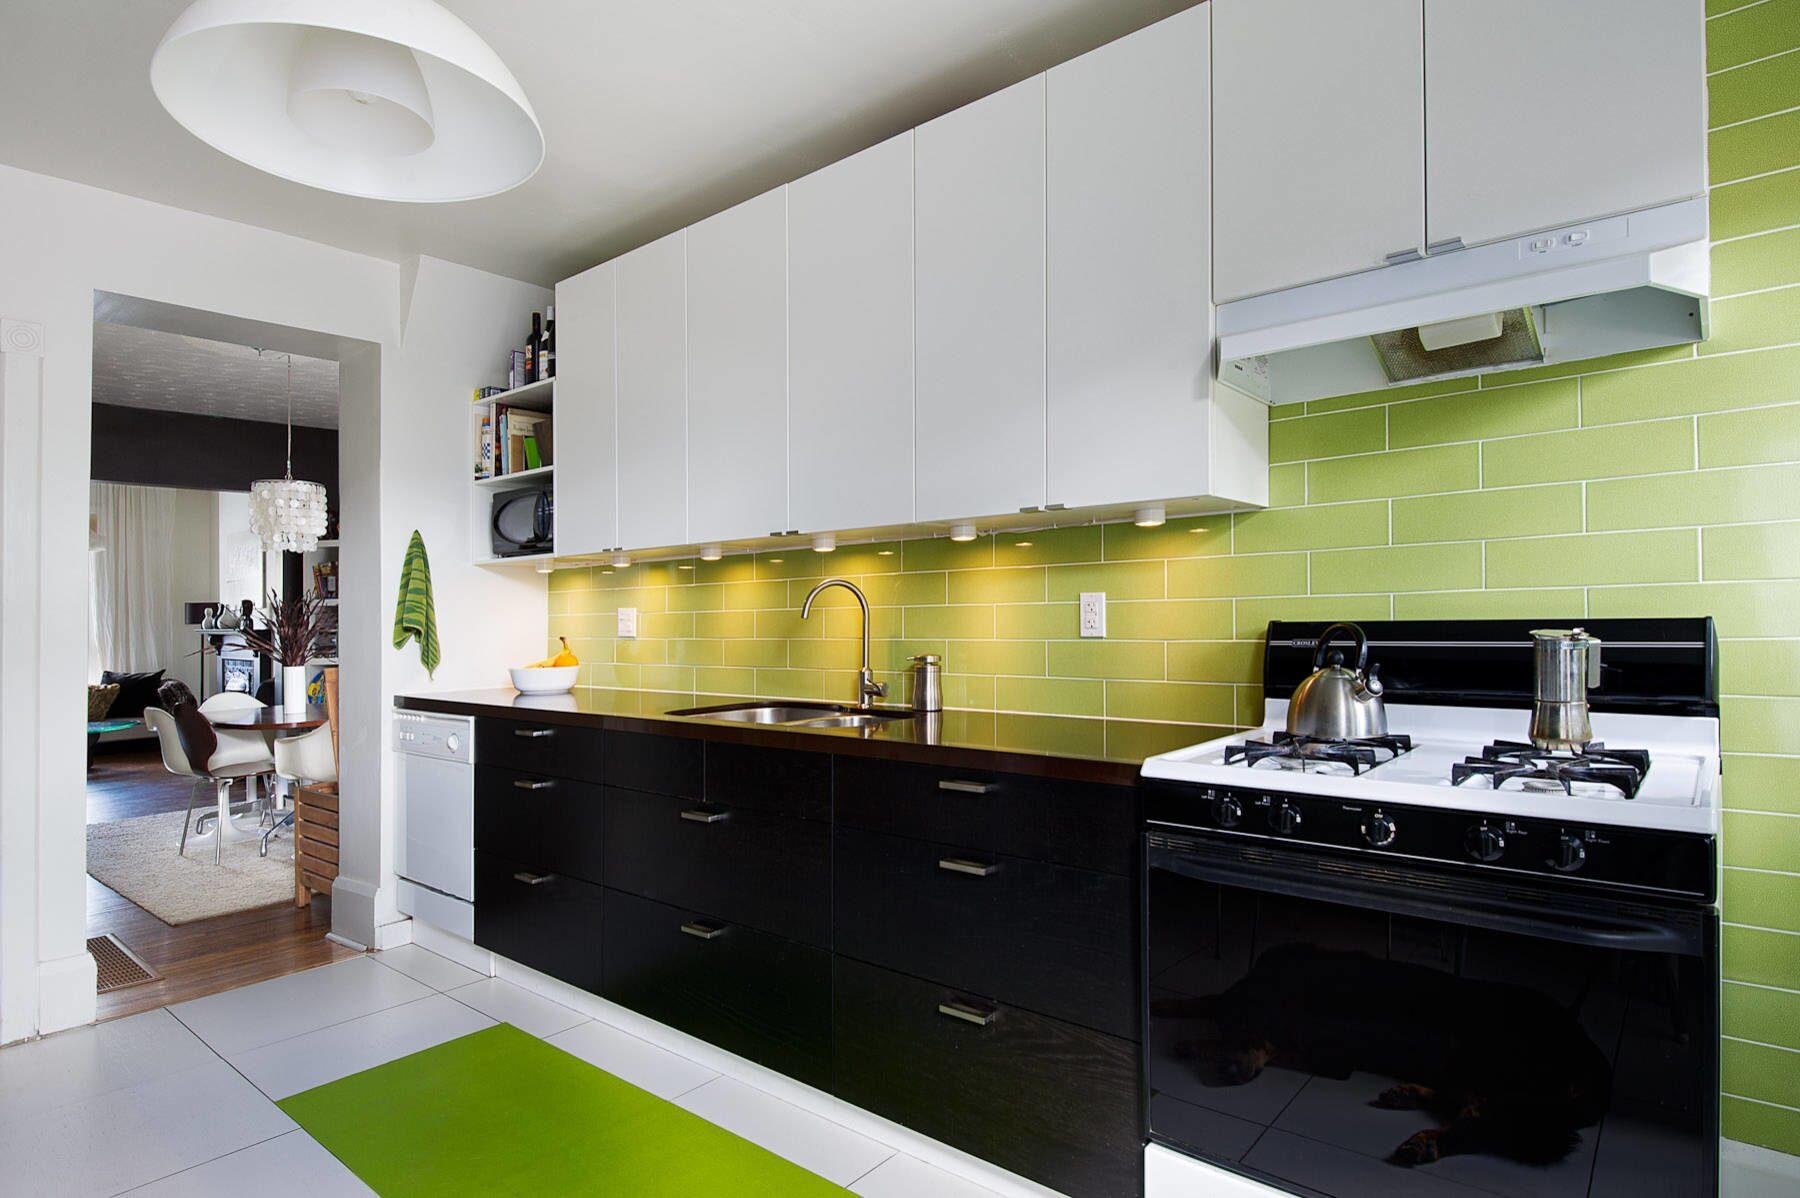 Интерьер кухни фото в черно белых тонах